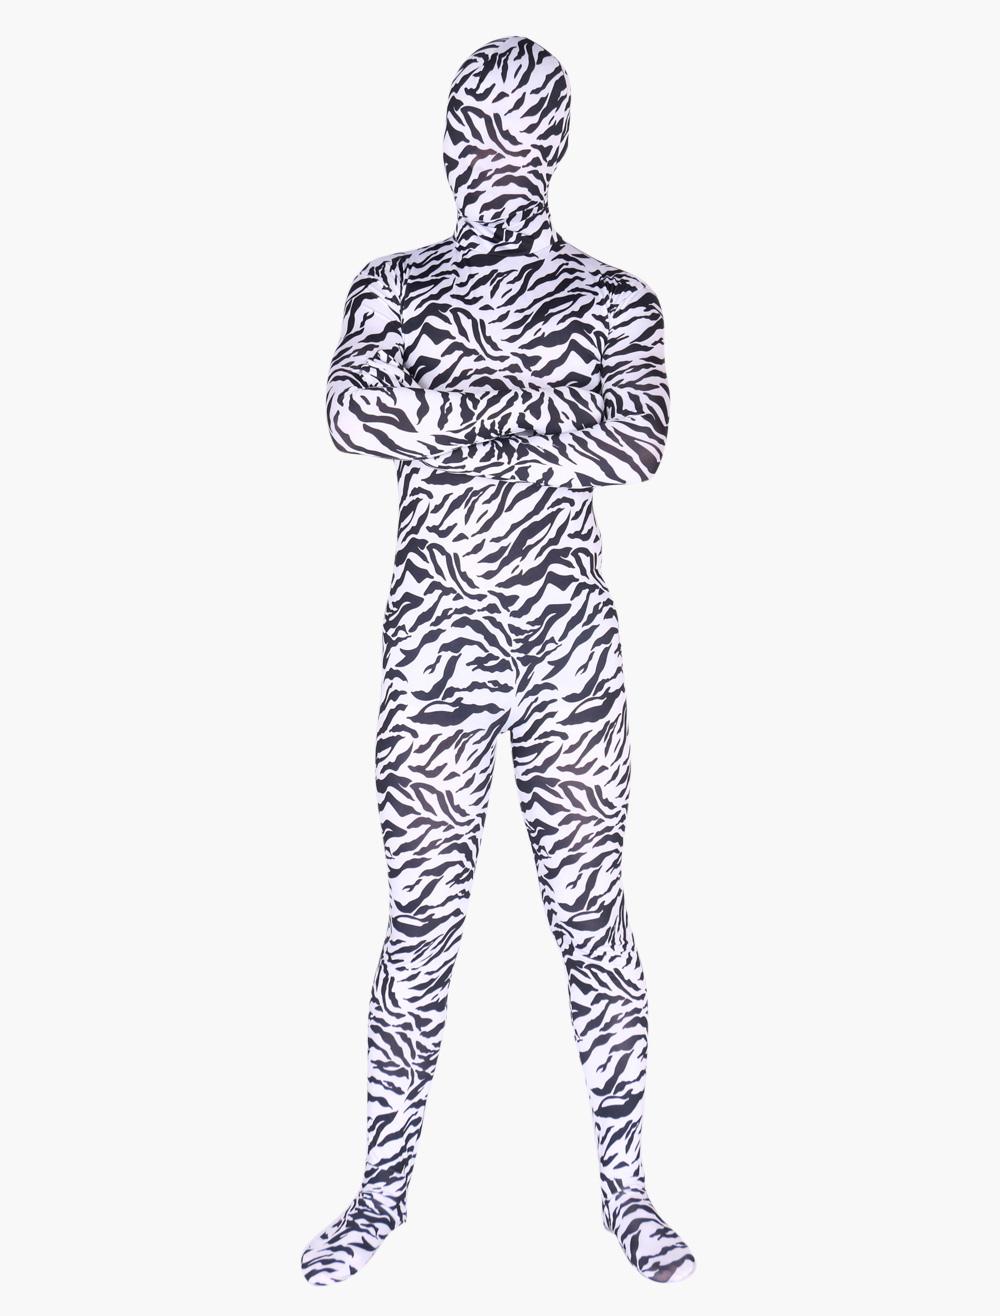 Zebra Print Zentai Suit Halloween Lycra Spandex Animal Costume Halloween